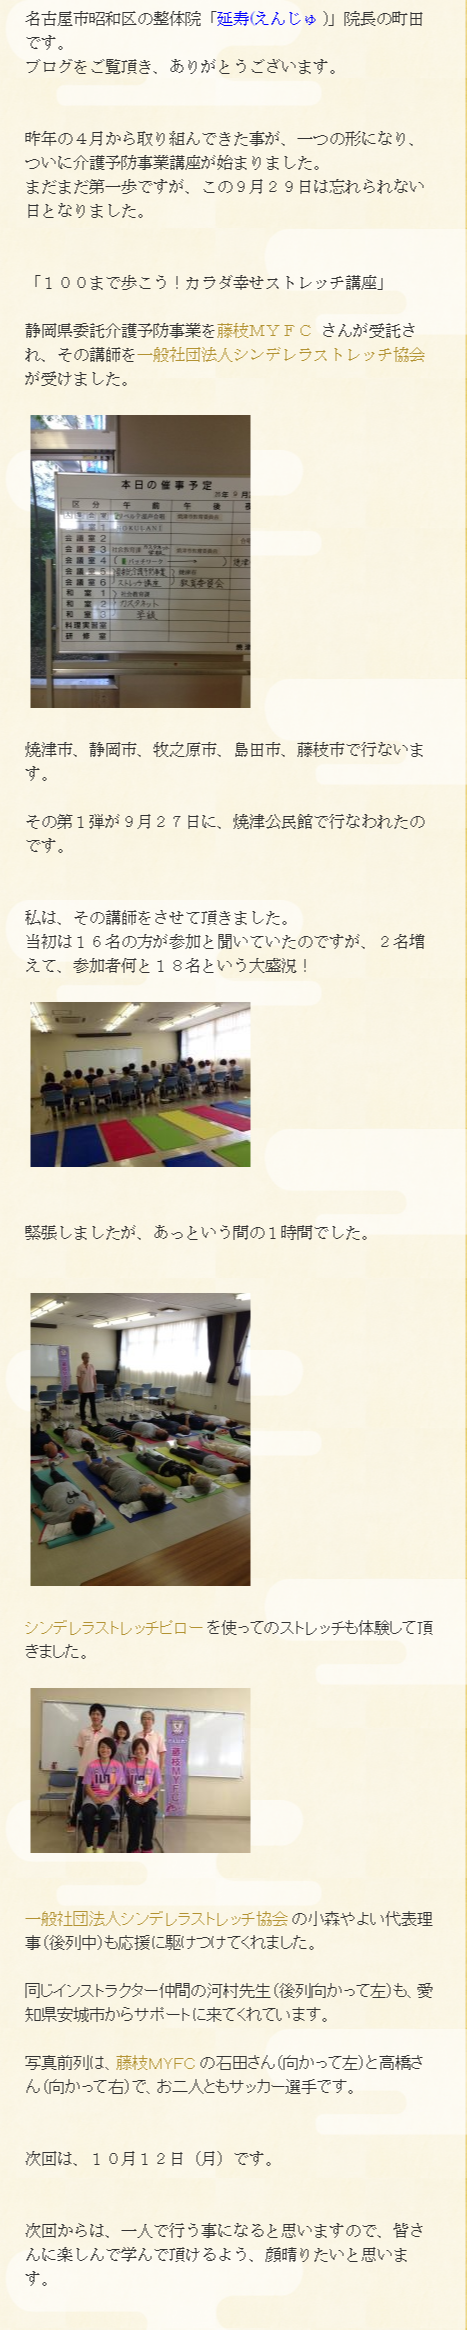 介護予防講座、焼津にて無事開催できました。|健康長寿の守護神、延寿くんのブログ